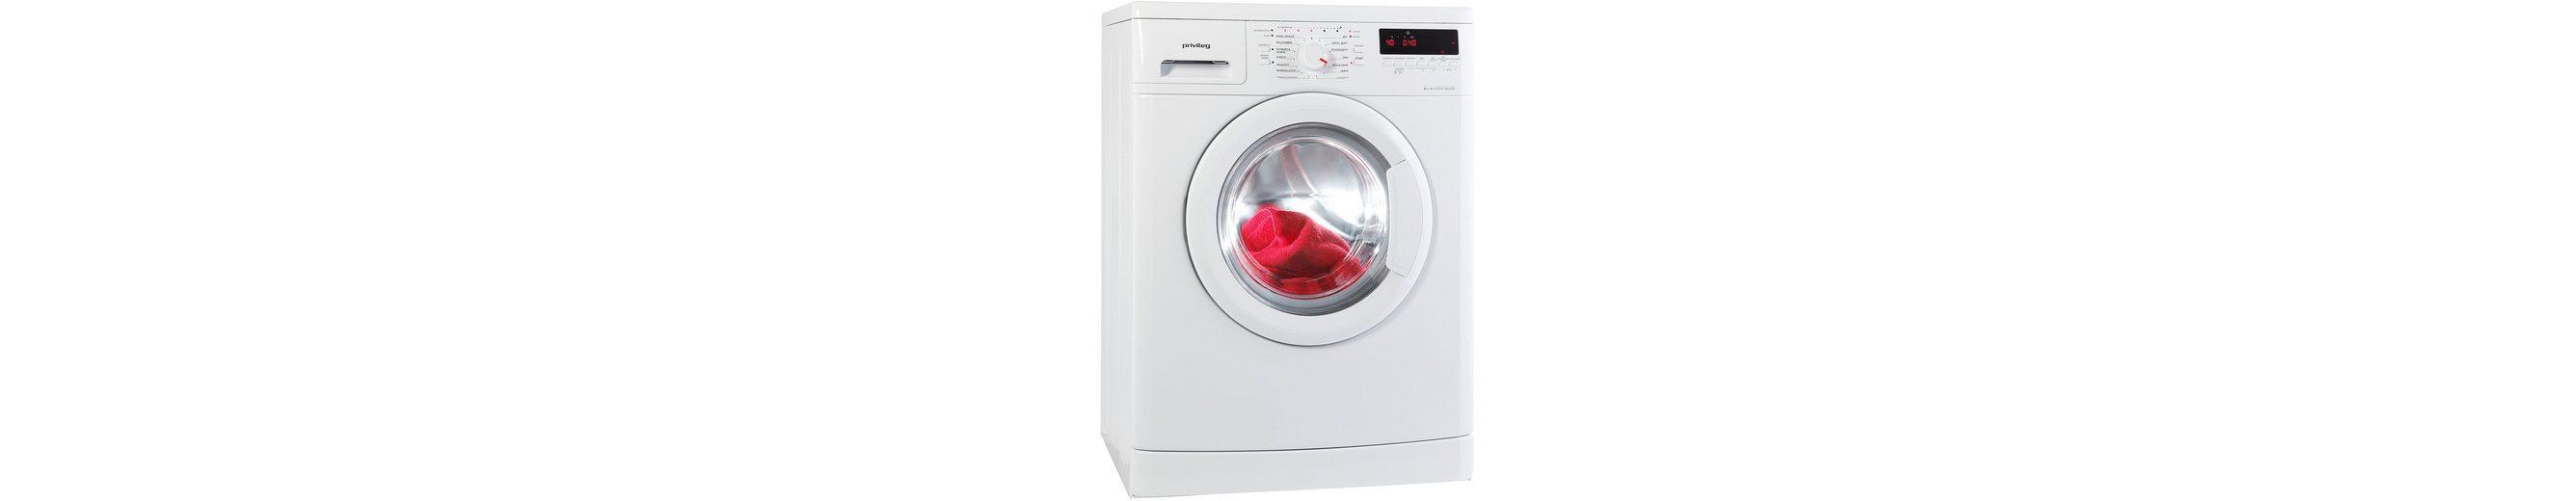 Privileg Waschmaschine PWF8 A+++ Ed. 50, A+++, 8 kg, 1400 U/Min